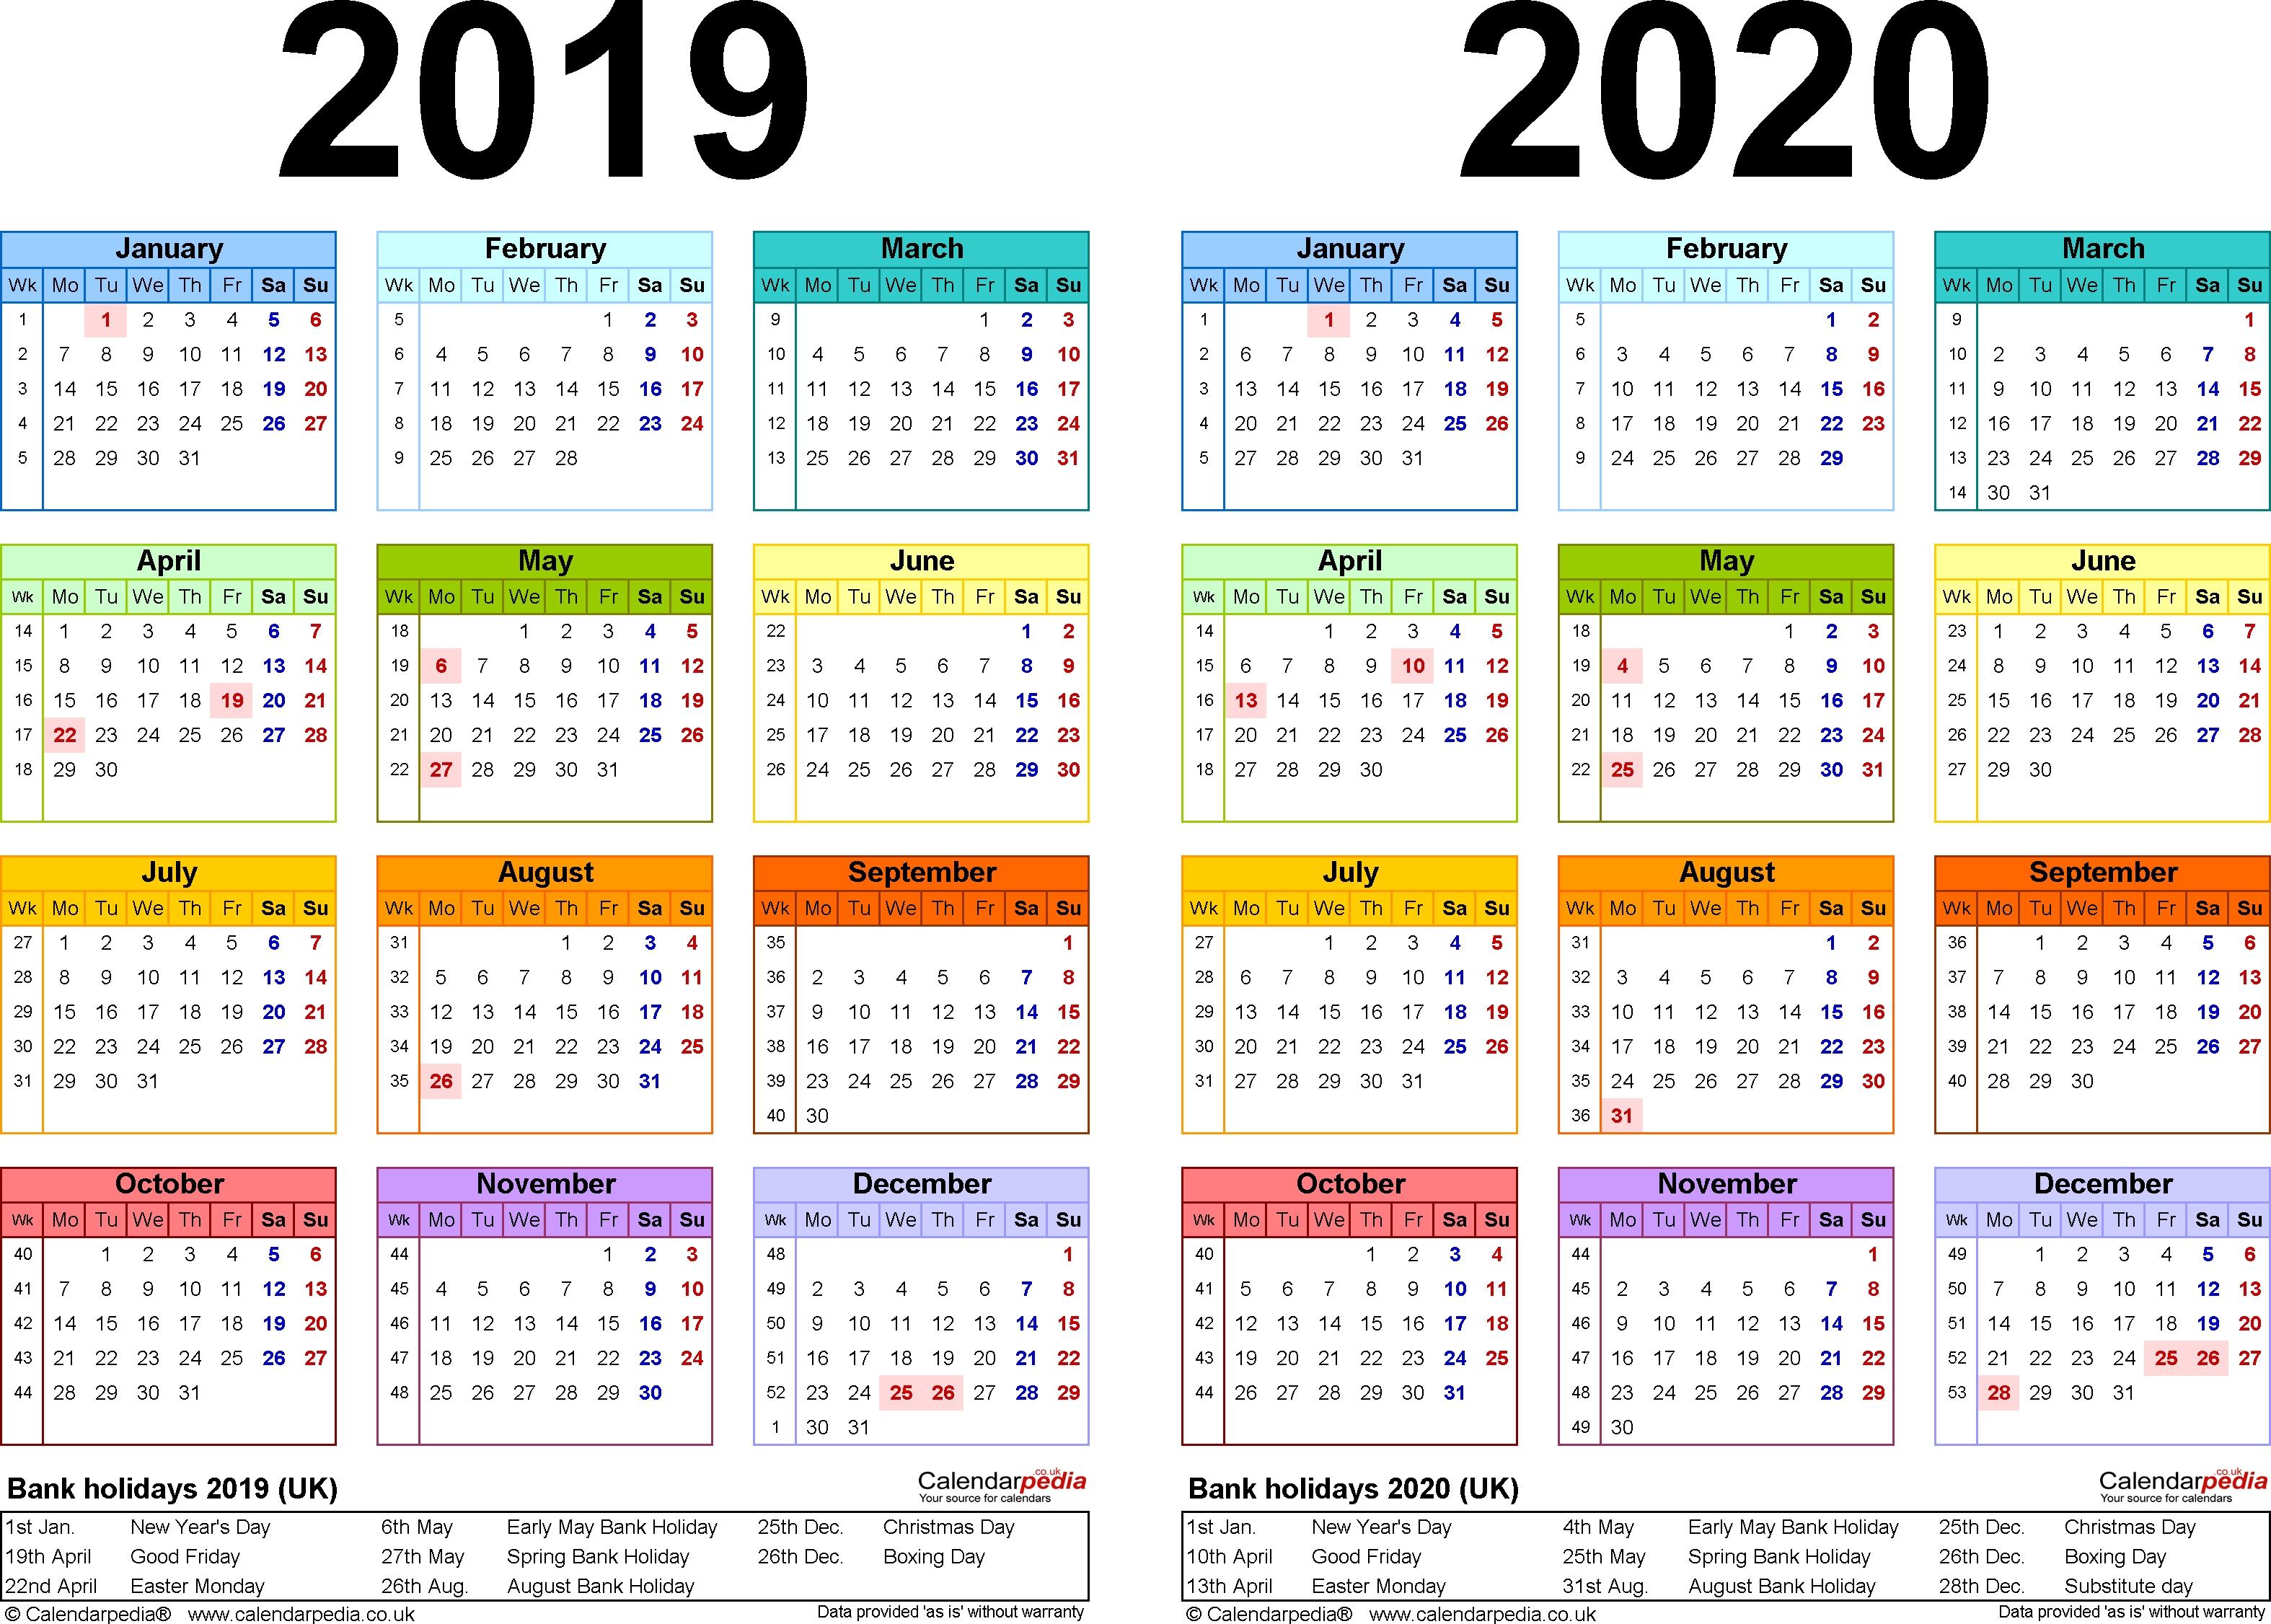 Calendar 2019 To 2020 | Bazga Sabarimala Calendar 2019 To 2020